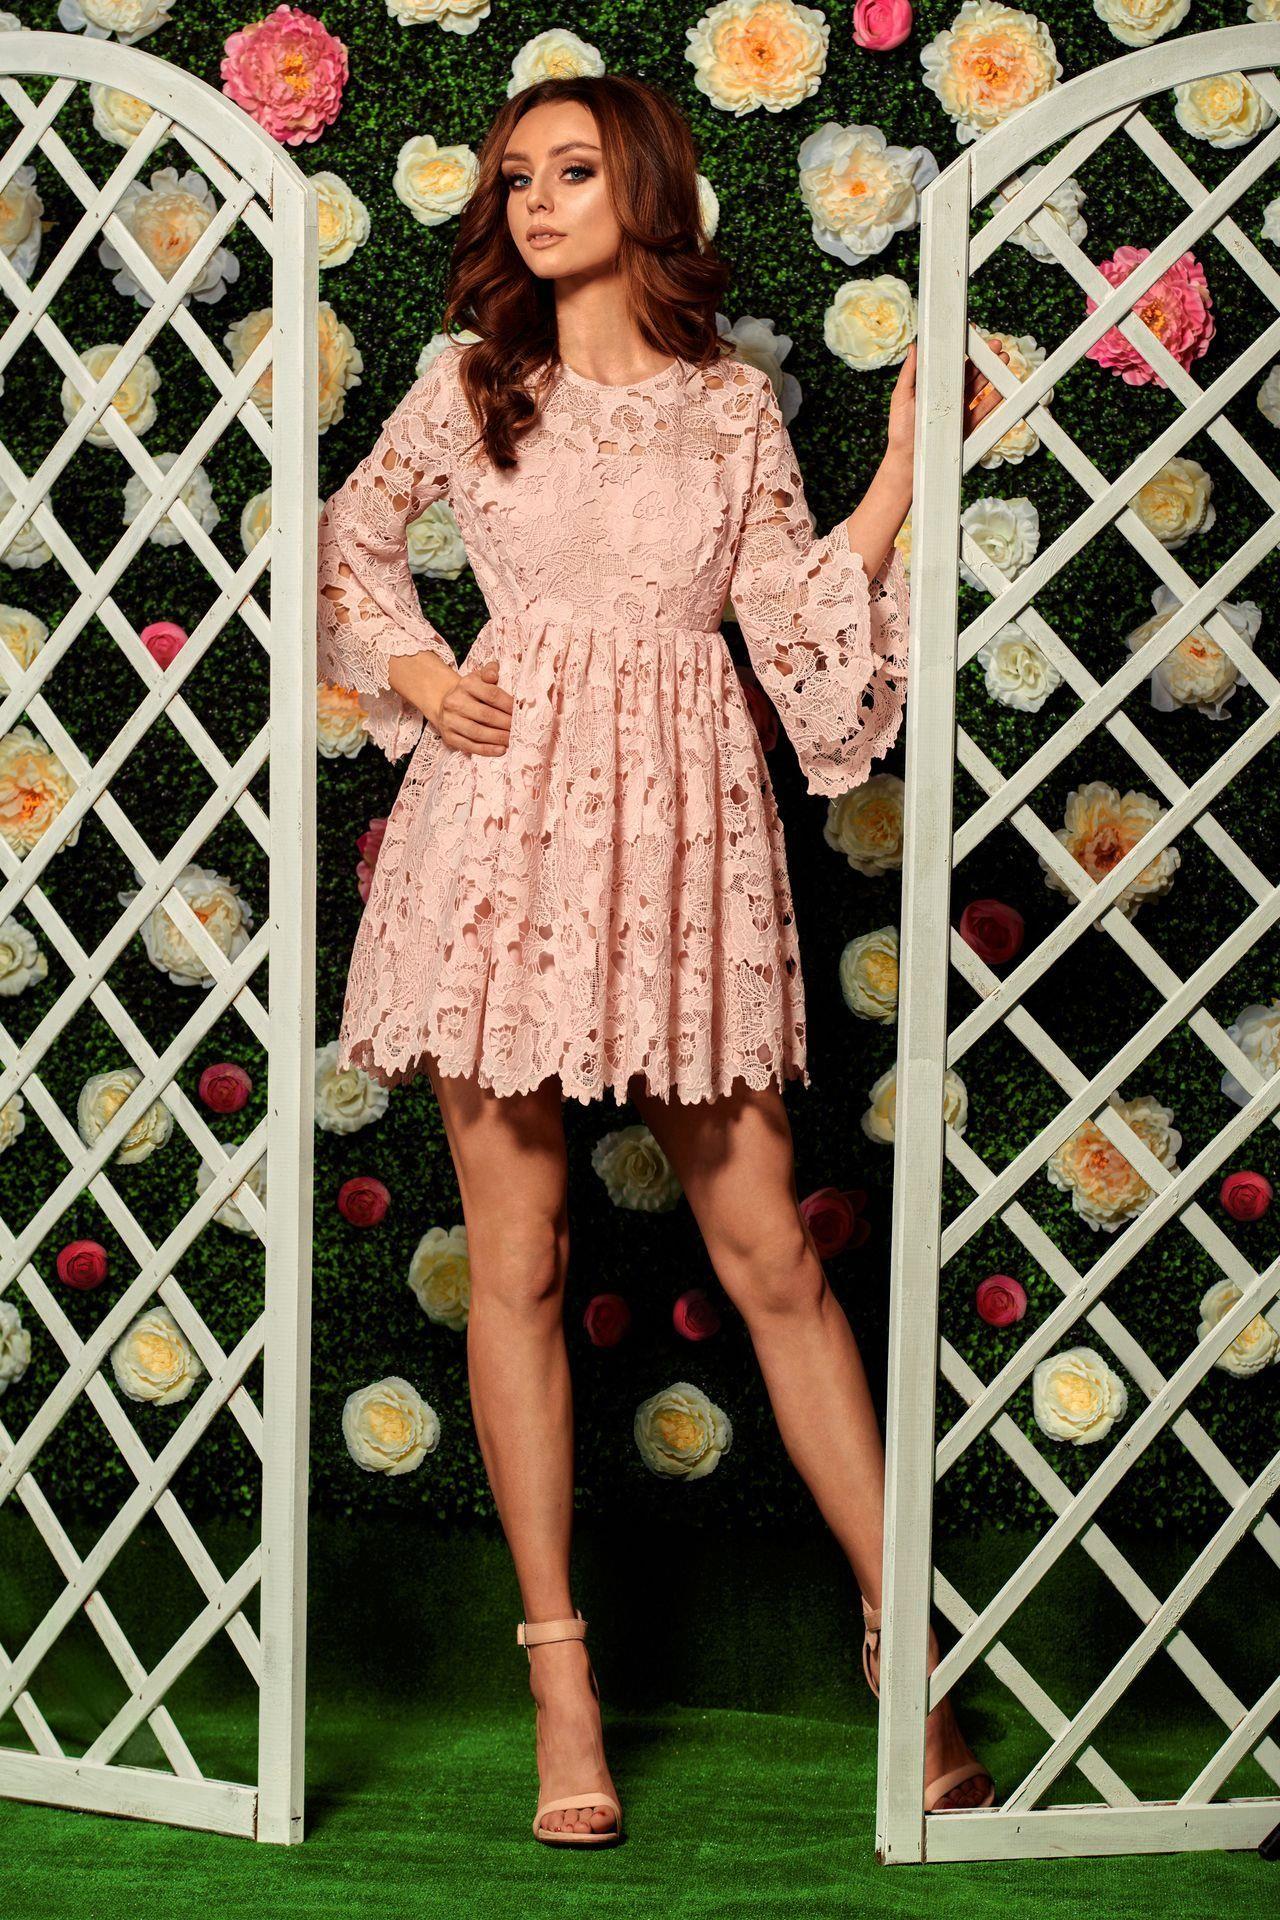 b5c79ab635 Romantyczna sukienka z koronki pudrowy róż - Ceny i opinie - Ceneo.pl